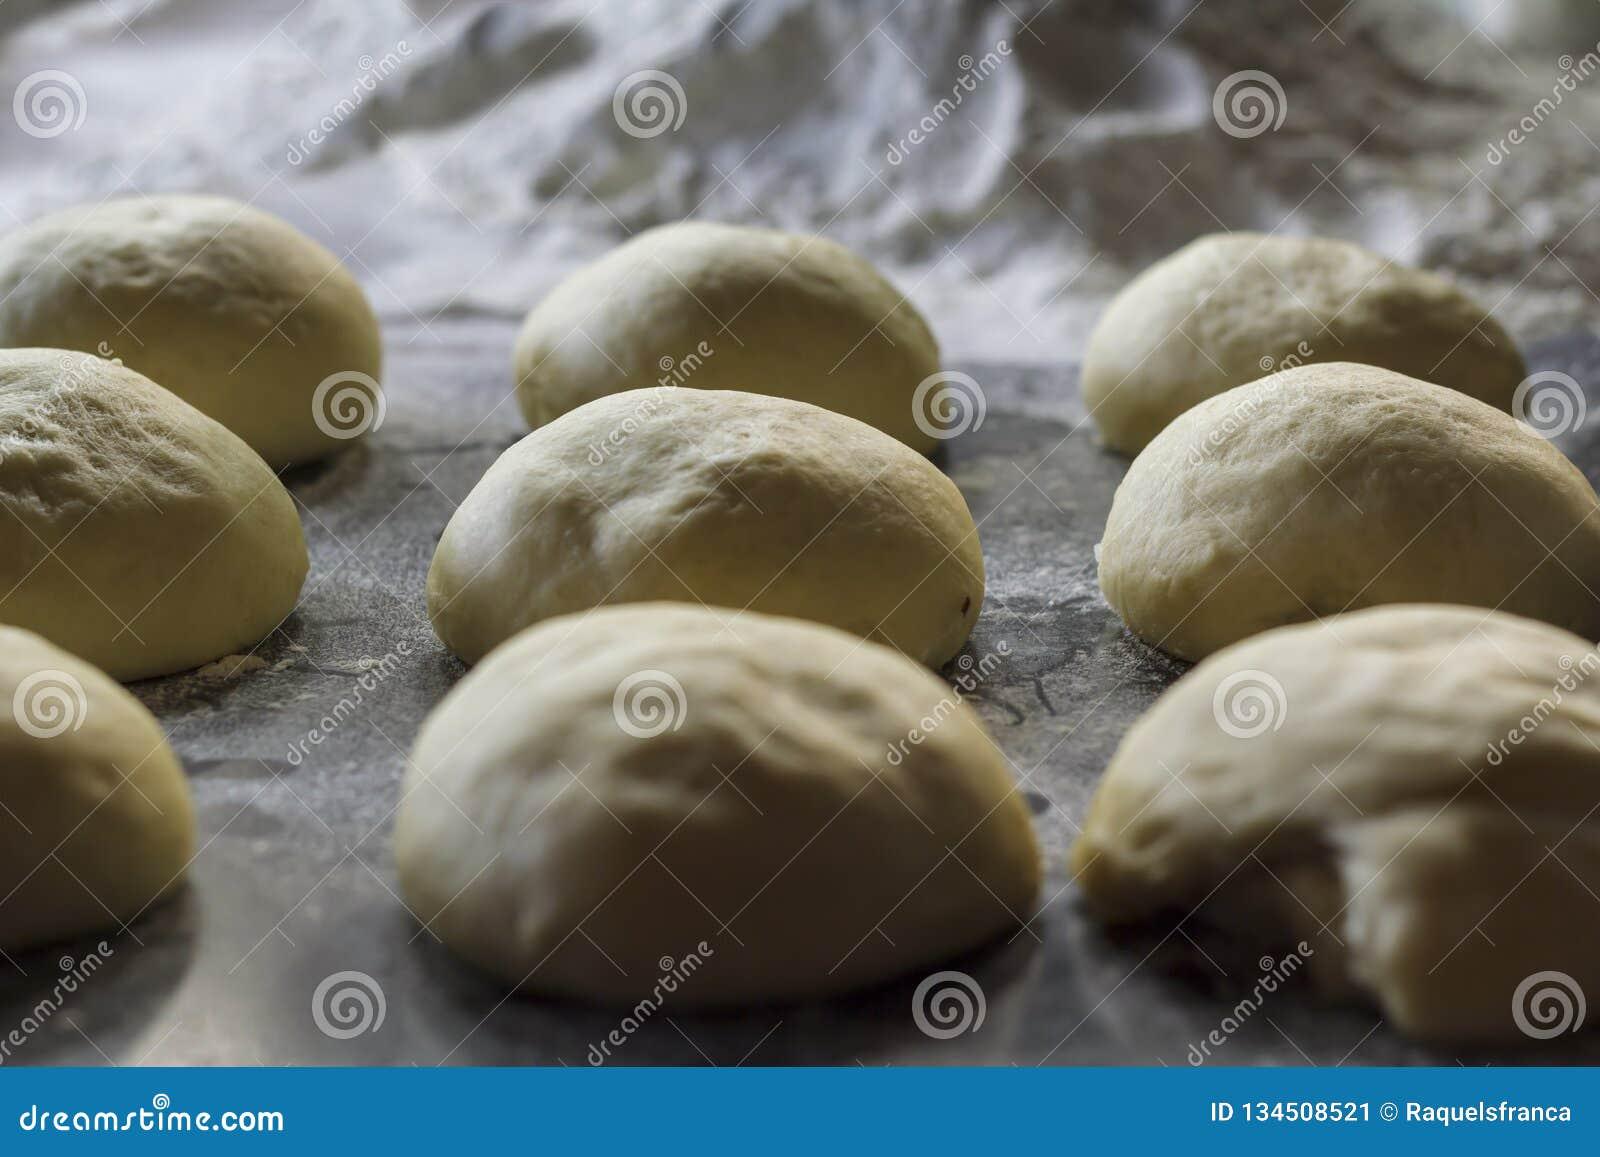 Brotteigbälle bereit zum Backen